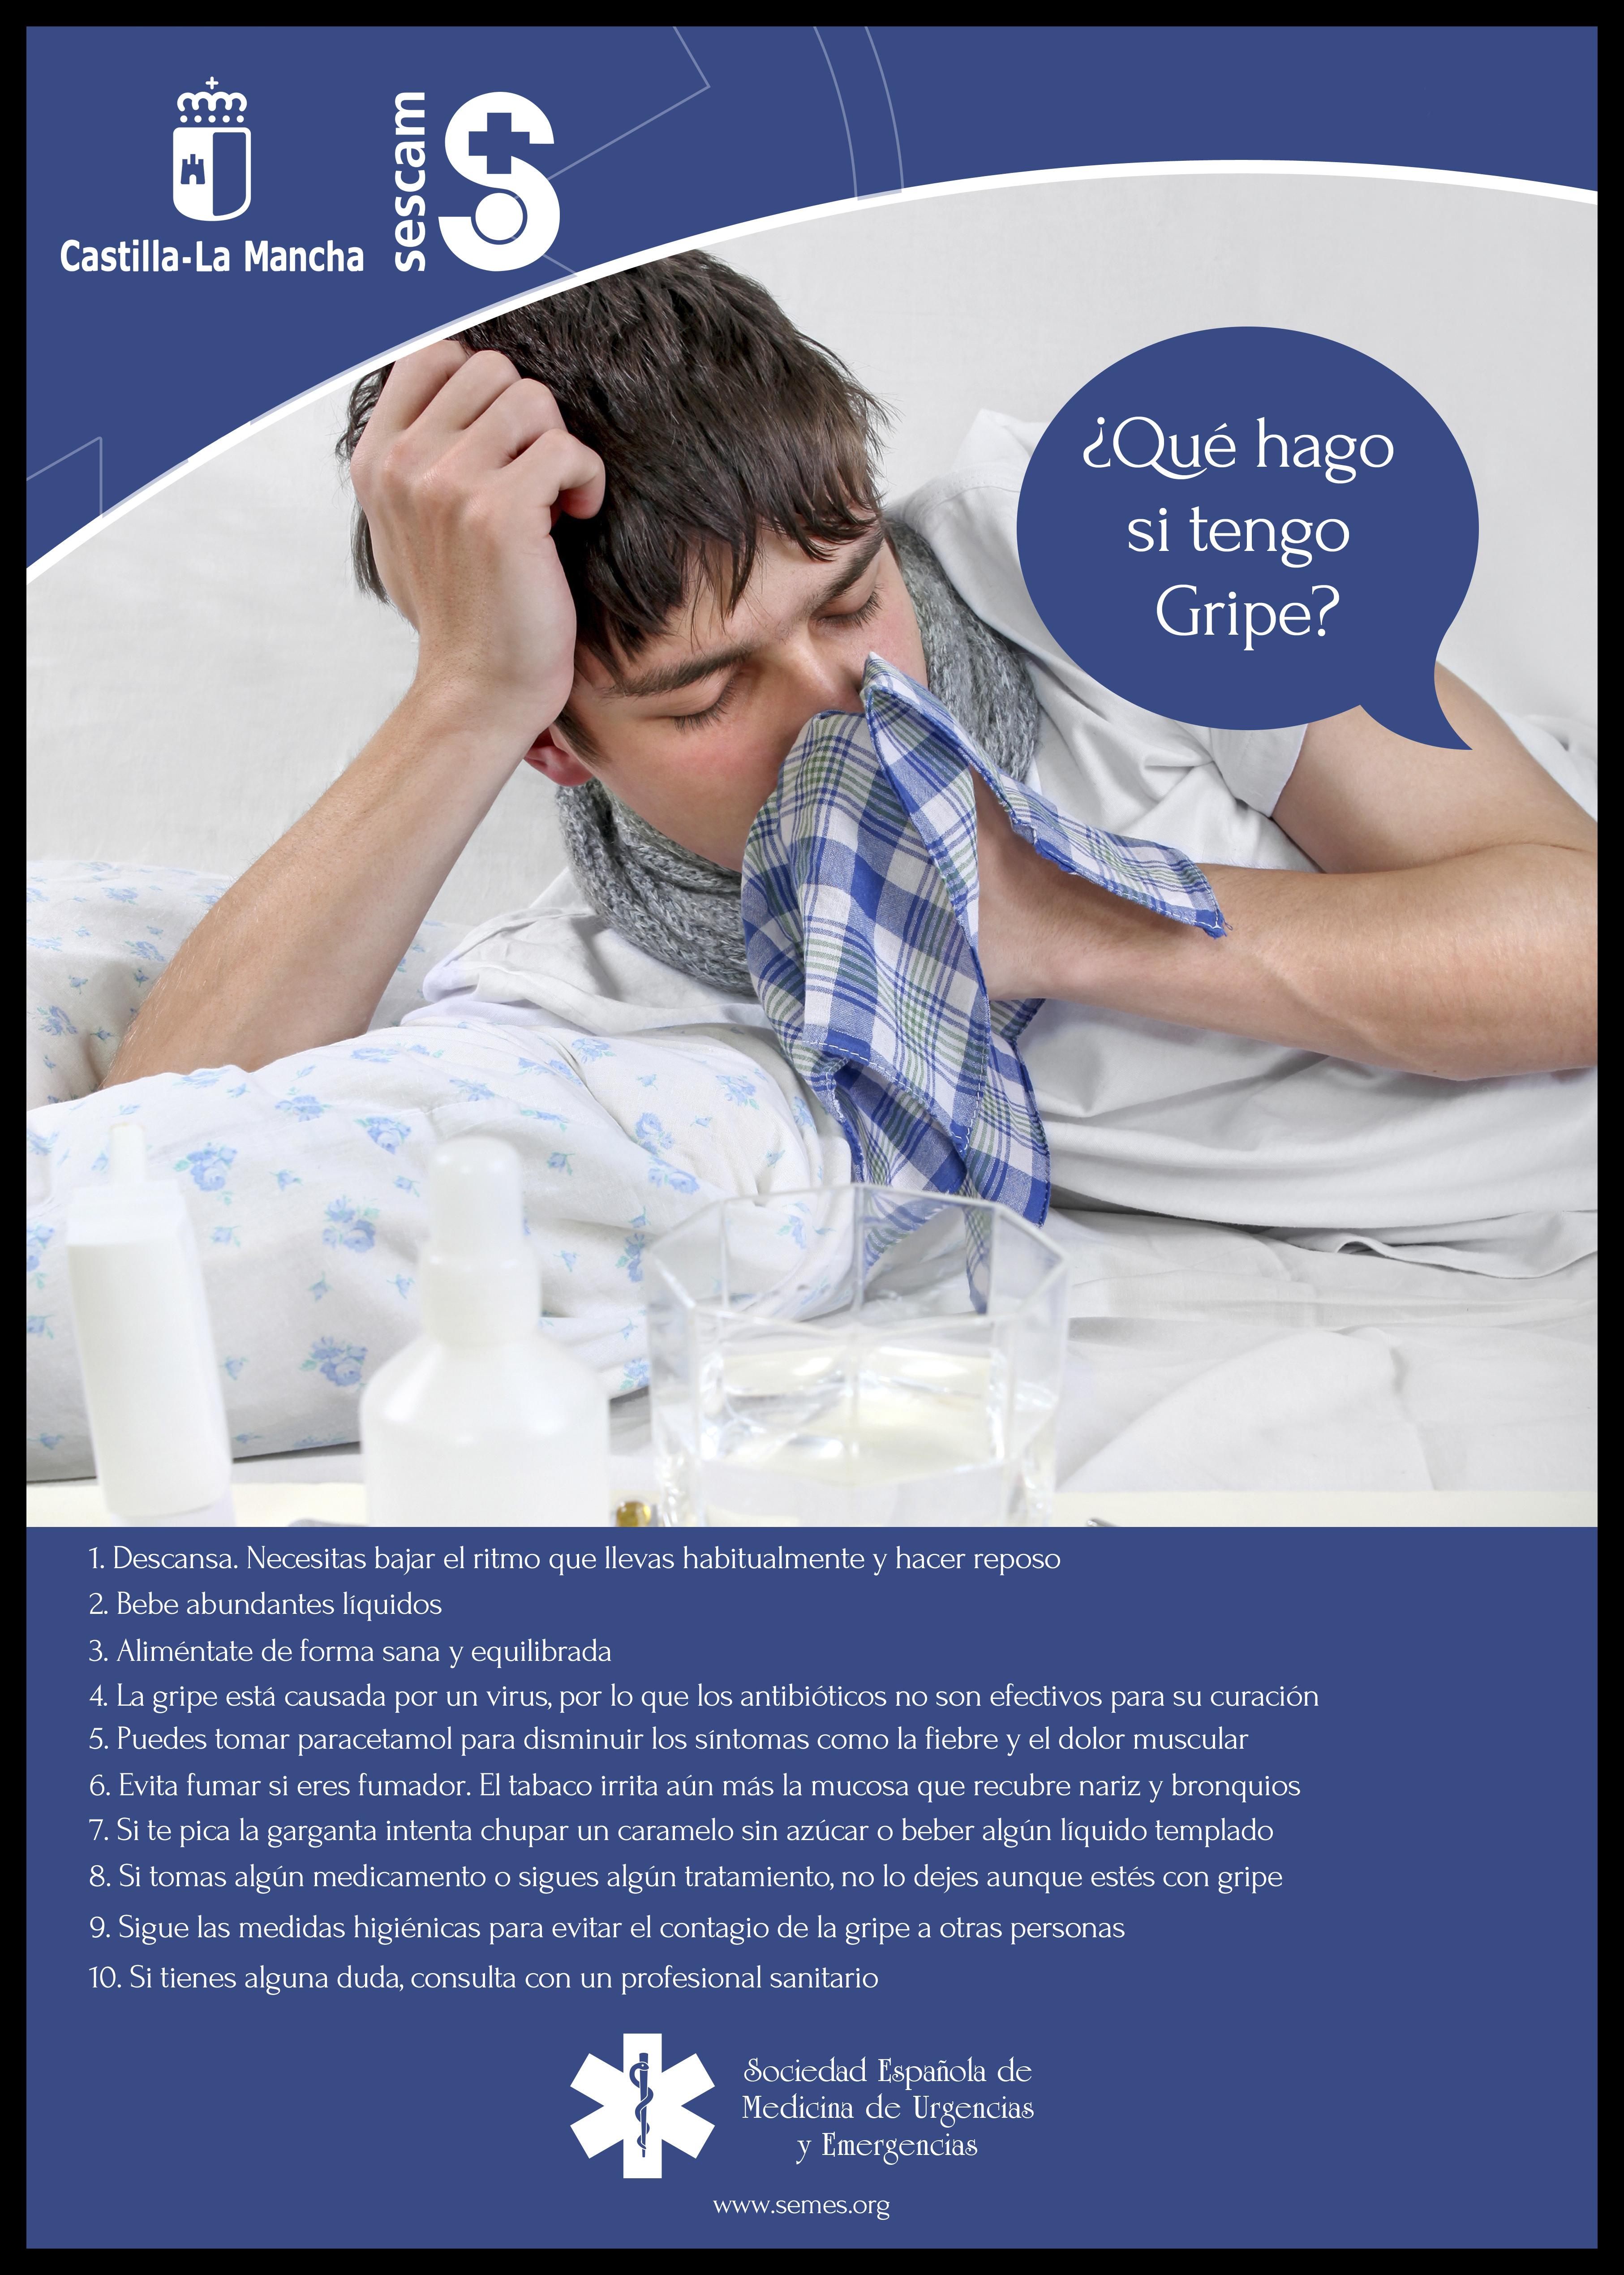 Qué hago si tengo gripe (archivo PDF, abre en nueva página)